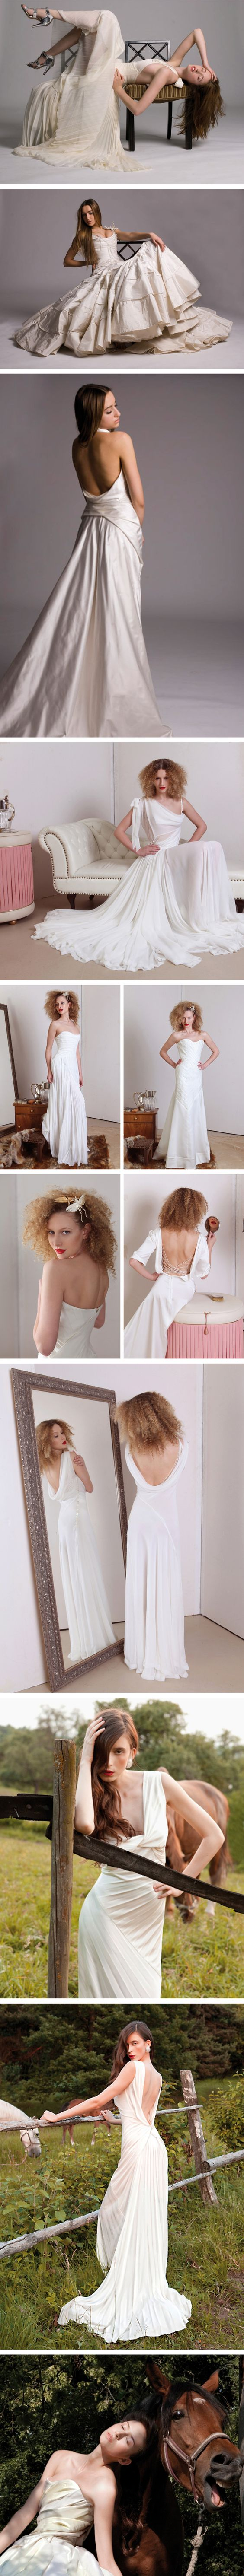 Das eine Kleid für den einen Tag. Von Couturier Andreas Remshardt. - Paper & Soul – haute couture weddings